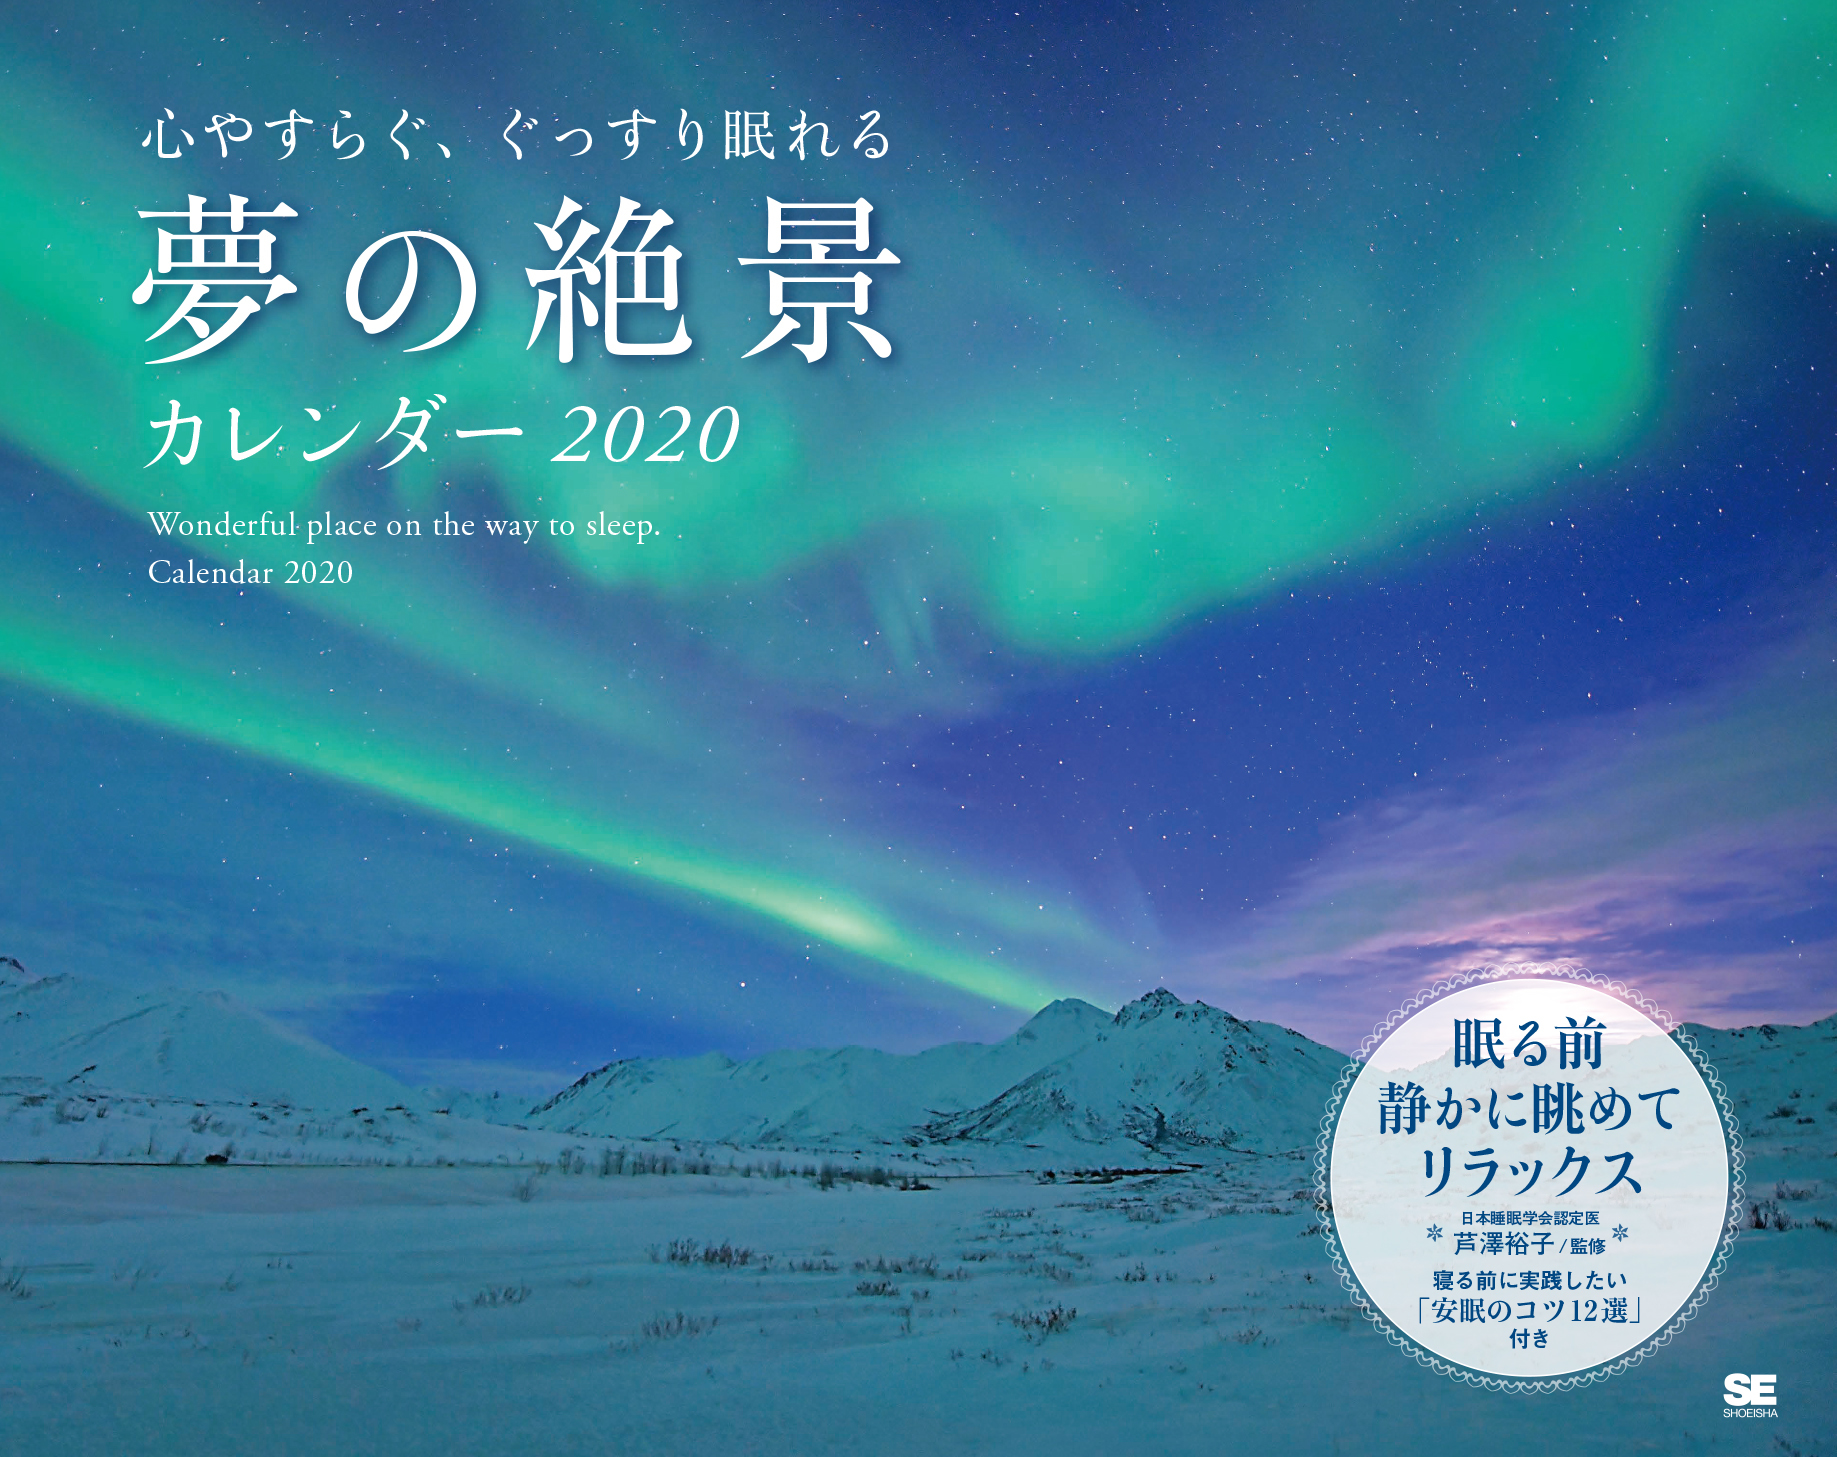 心やすらぐ、ぐっすり眠れる  夢の絶景カレンダー 2020(翔泳社)